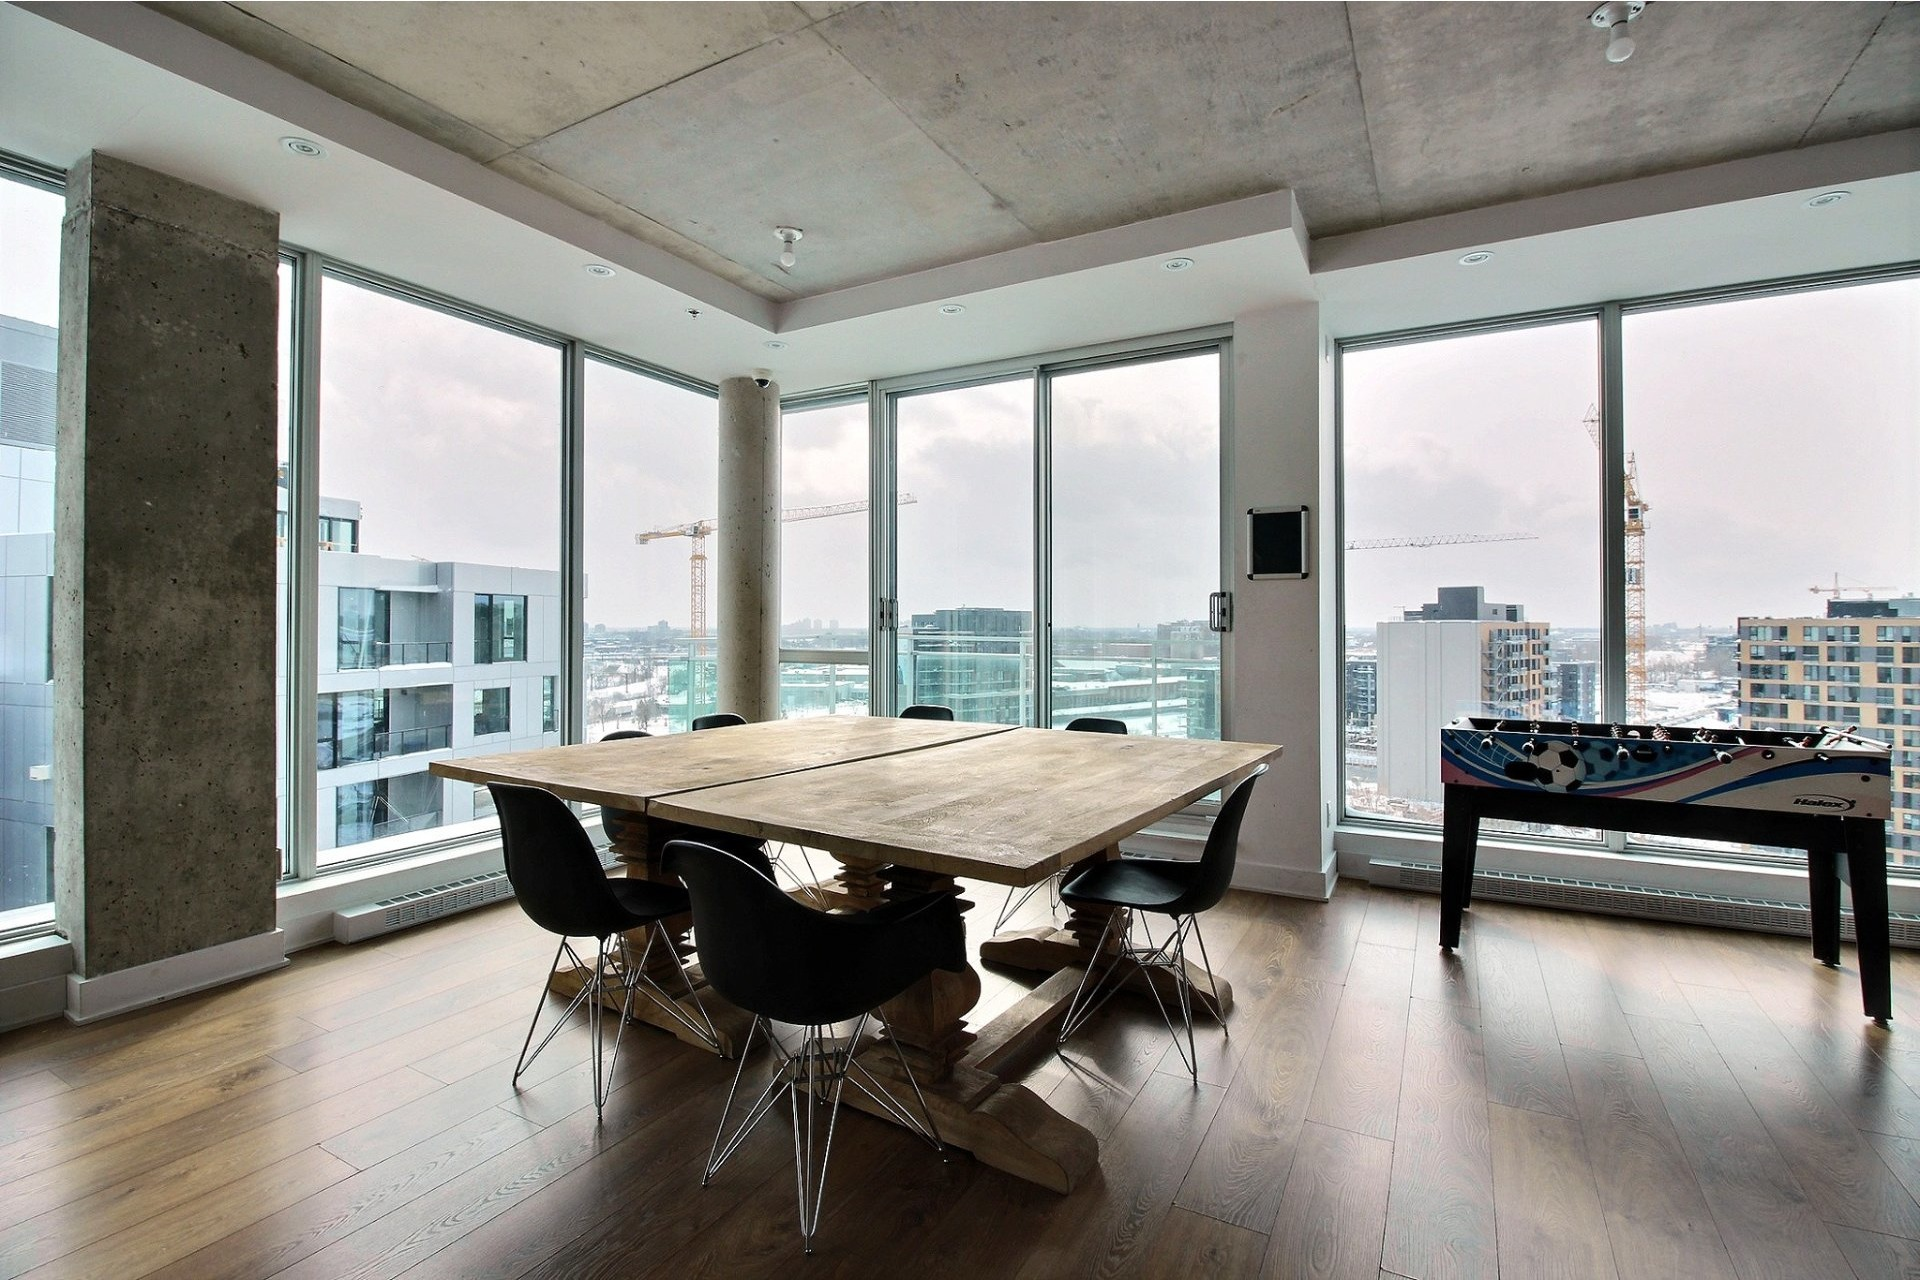 image 18 - Apartment For rent Montréal Le Sud-Ouest  - 6 rooms